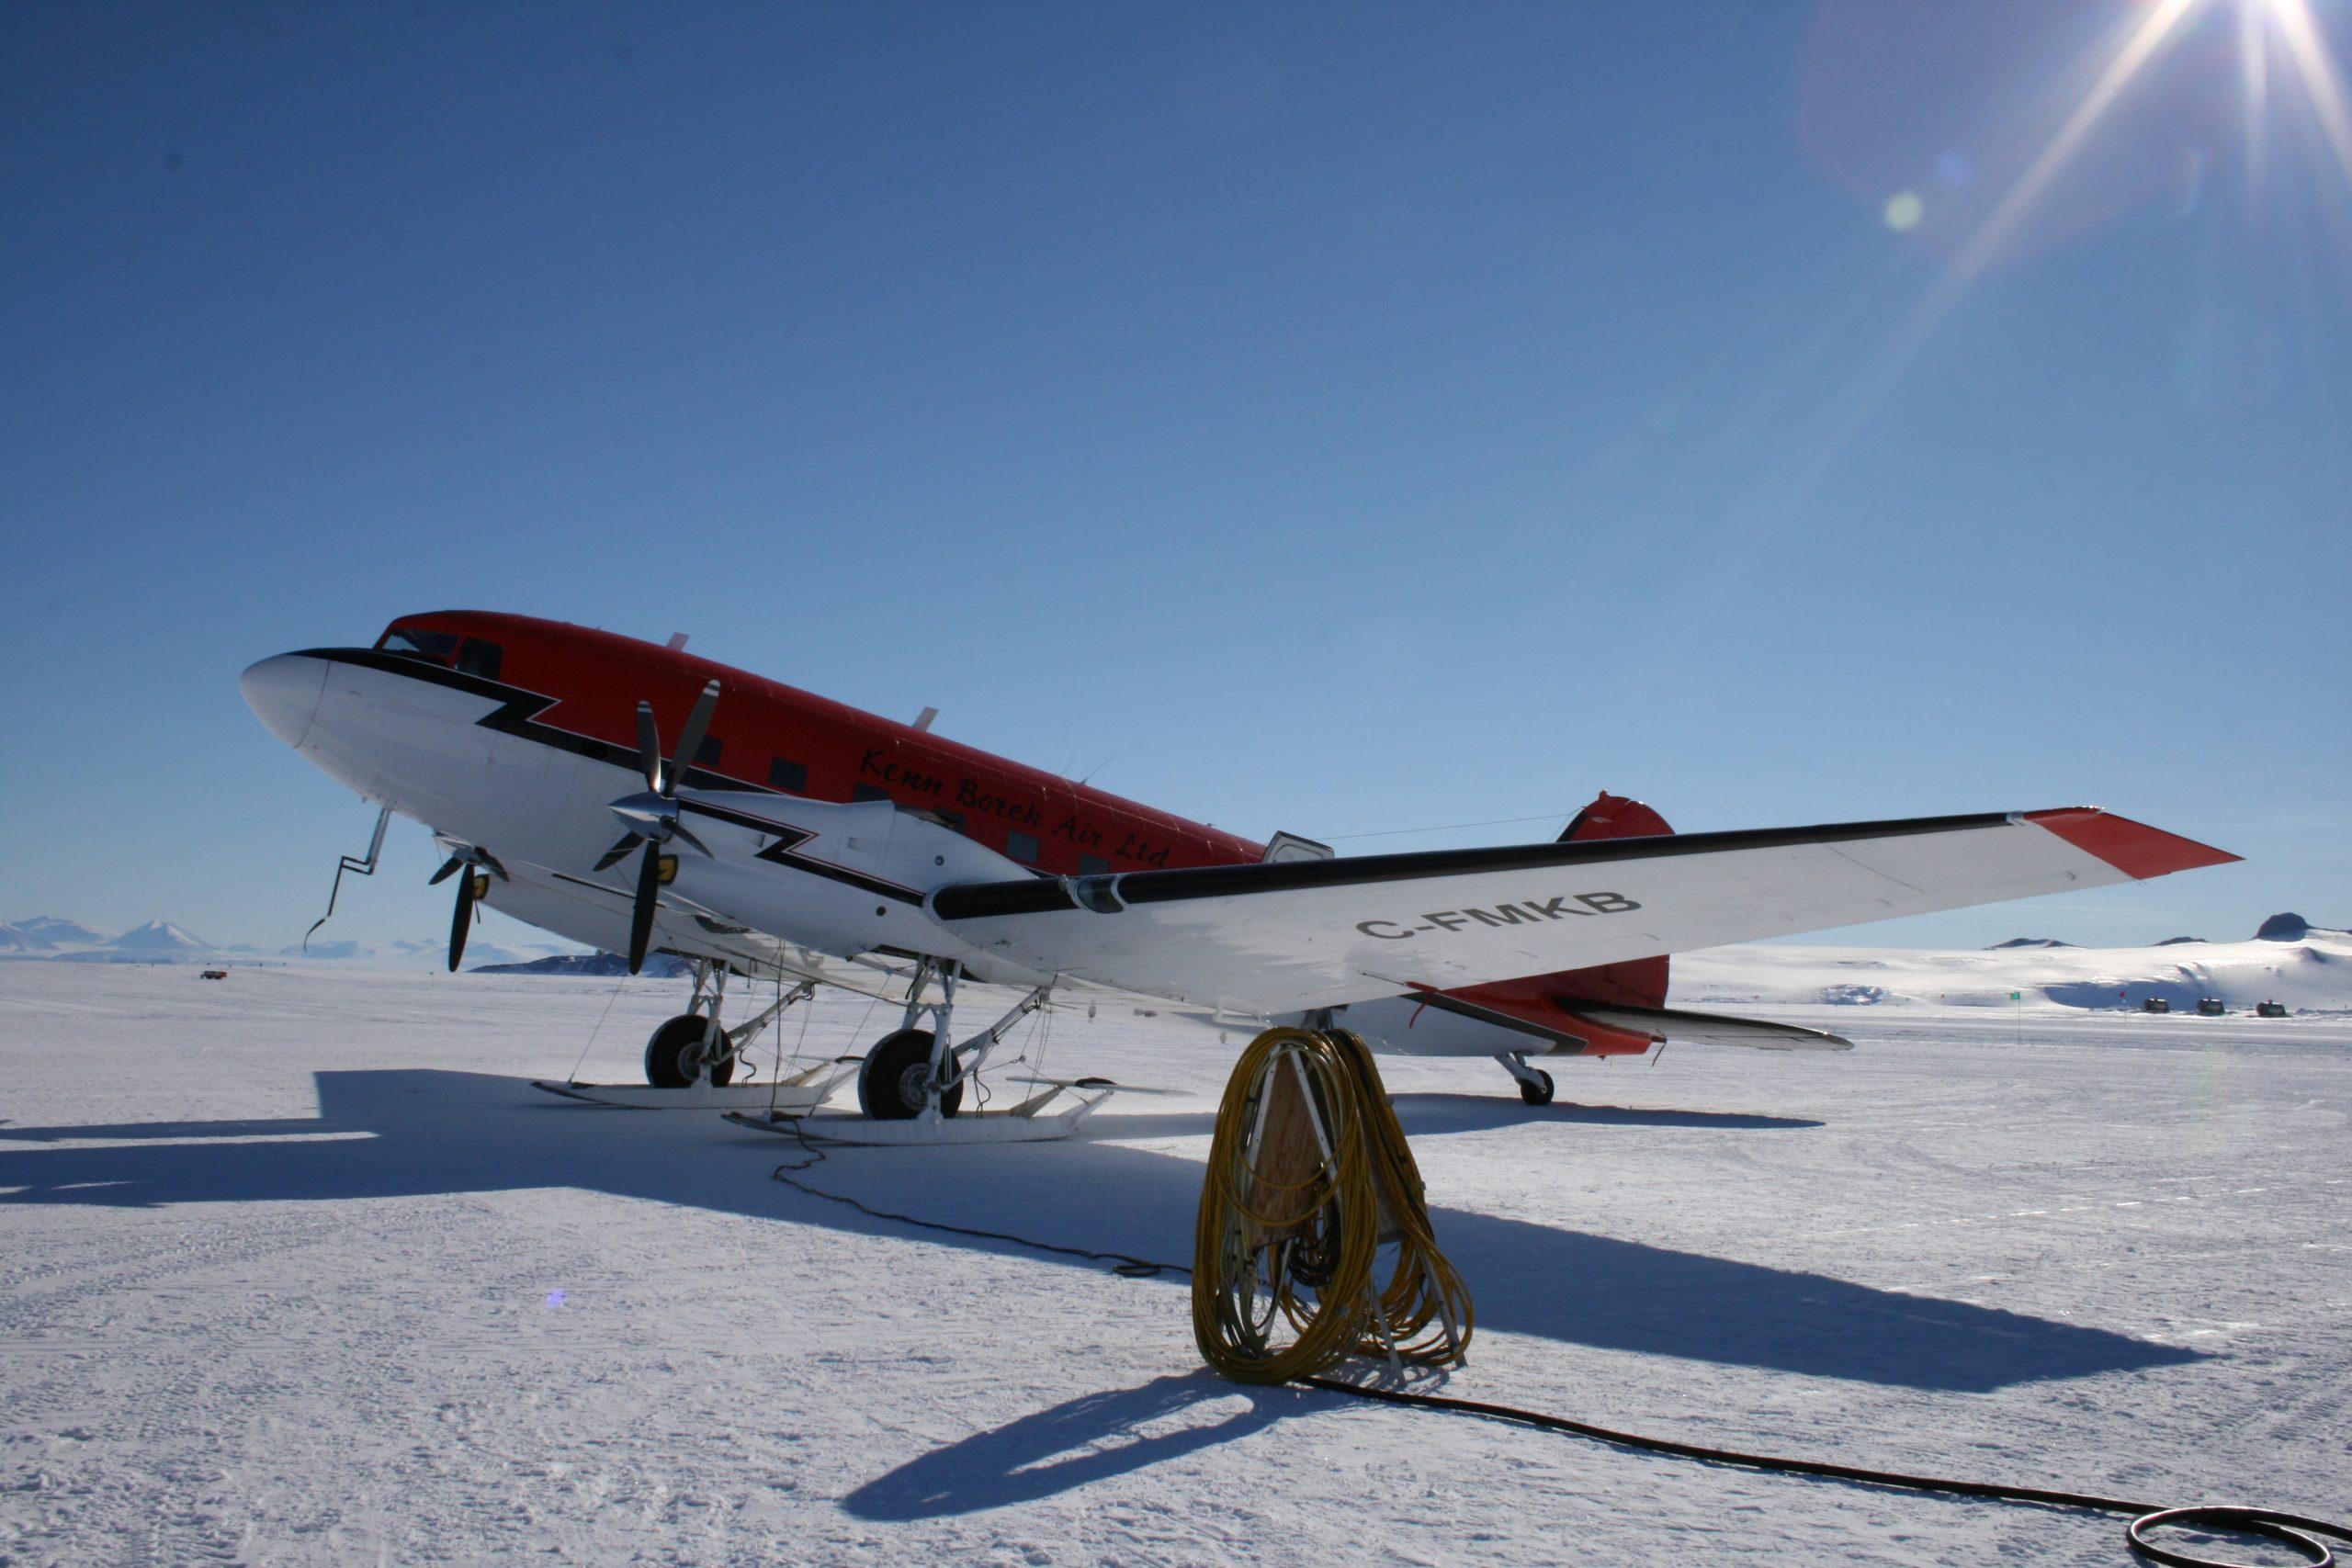 Θαλάσσιος Πάγος Ανταρκτική: Έρευνα ρίχνει φως στις διαδικασίες σύνθεσης του θαλάσσιου πάγου στην Ανταρκτική